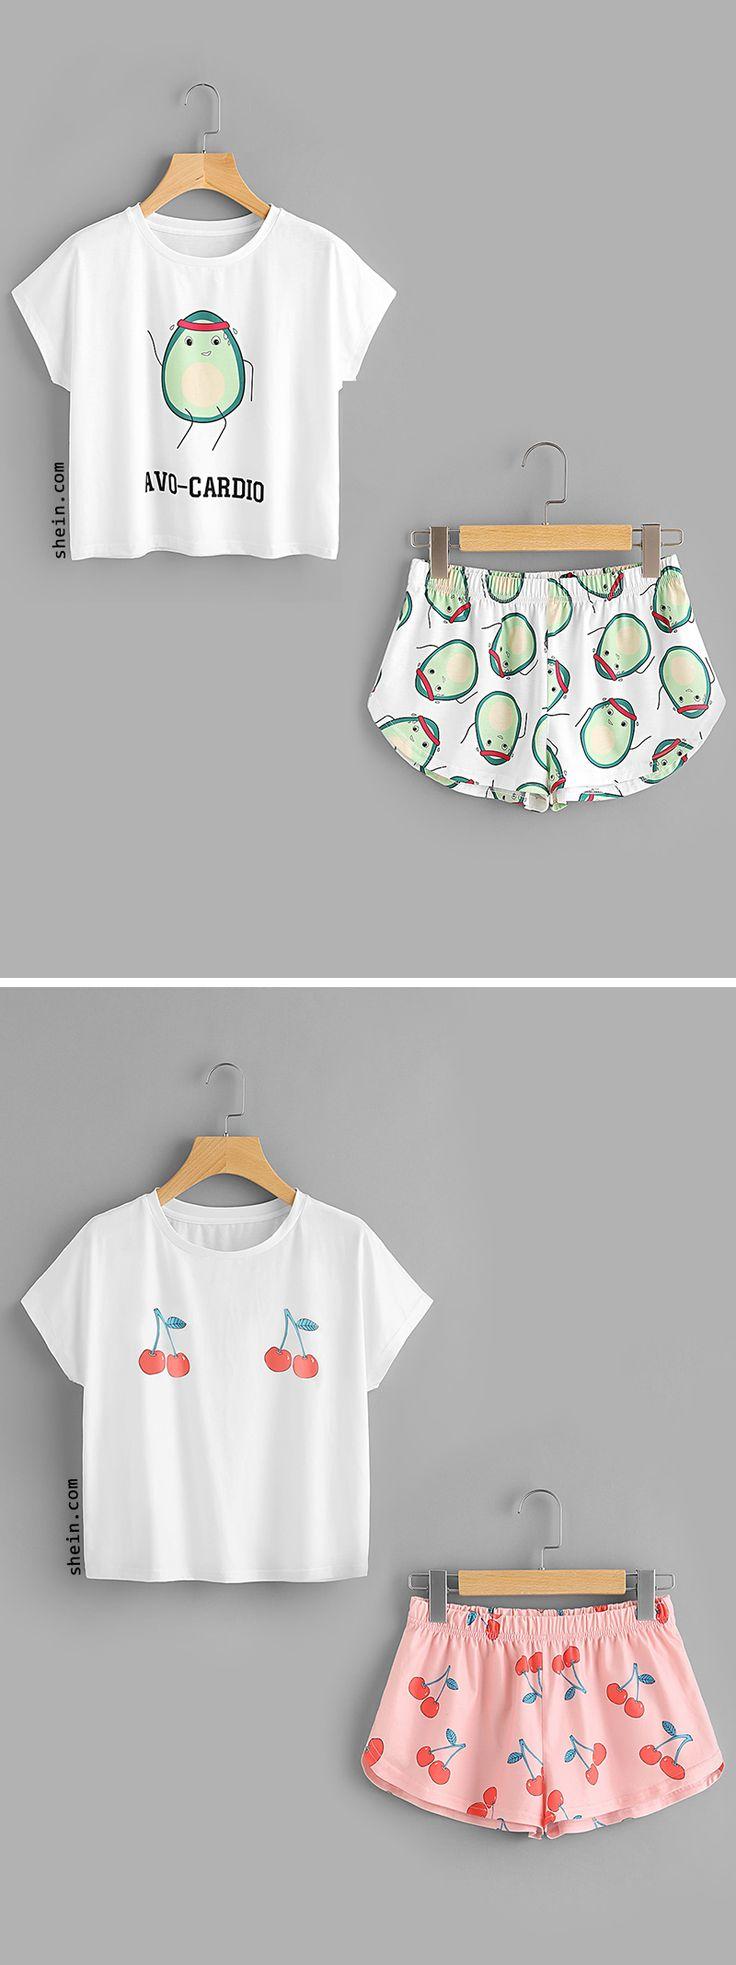 Cartoon Avocado Print Tee And Shorts Set